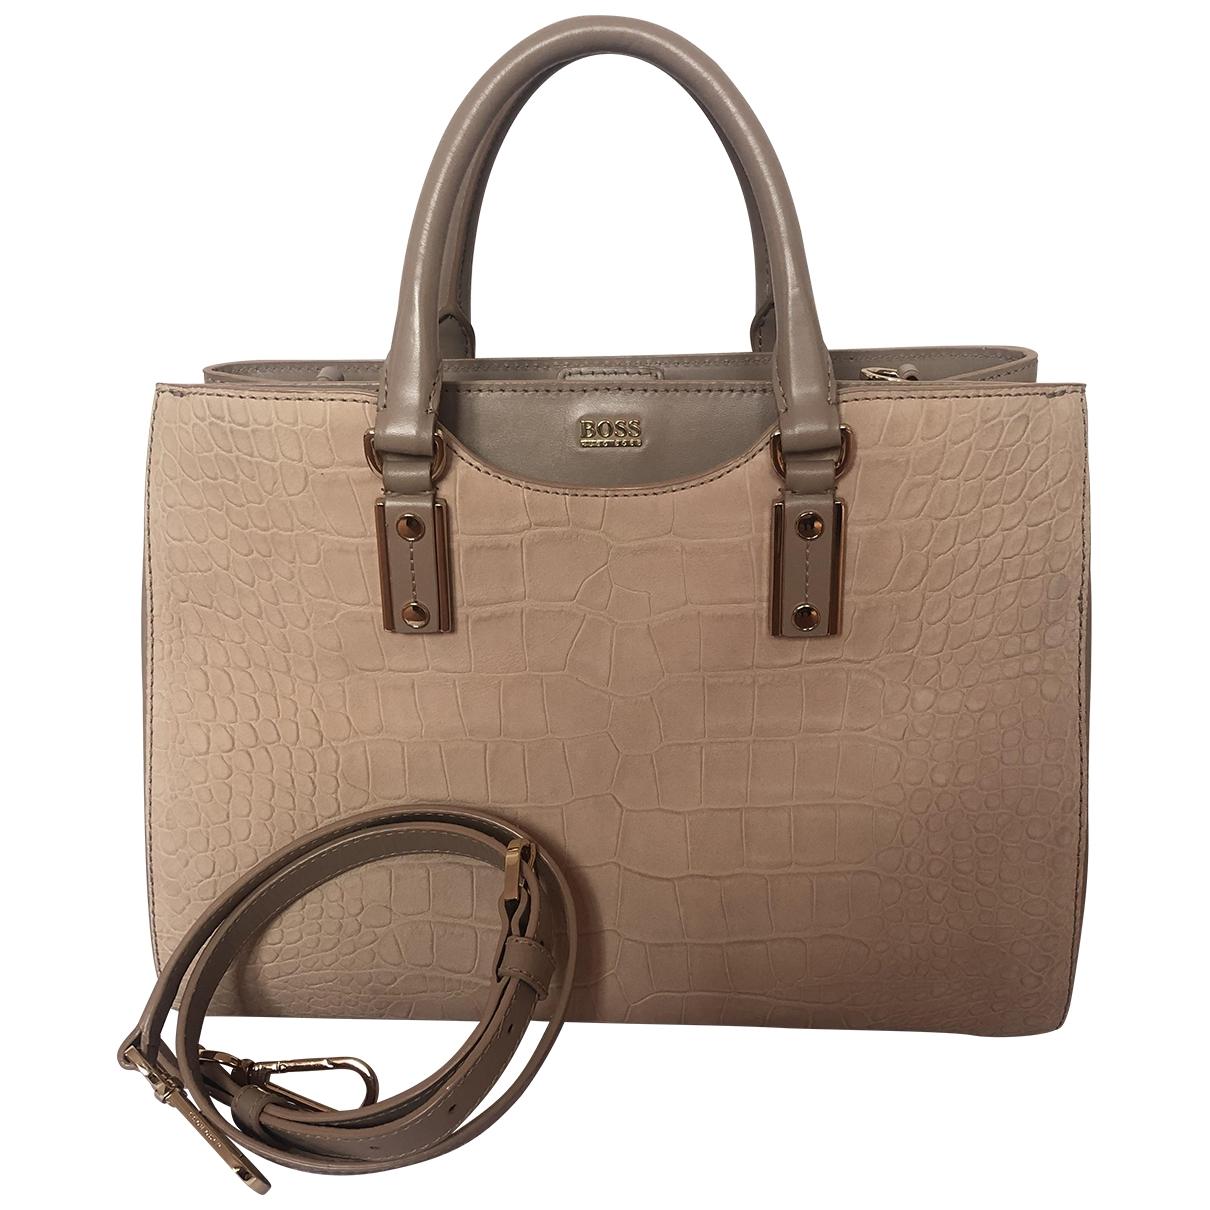 Boss \N Handtasche in  Beige Leder